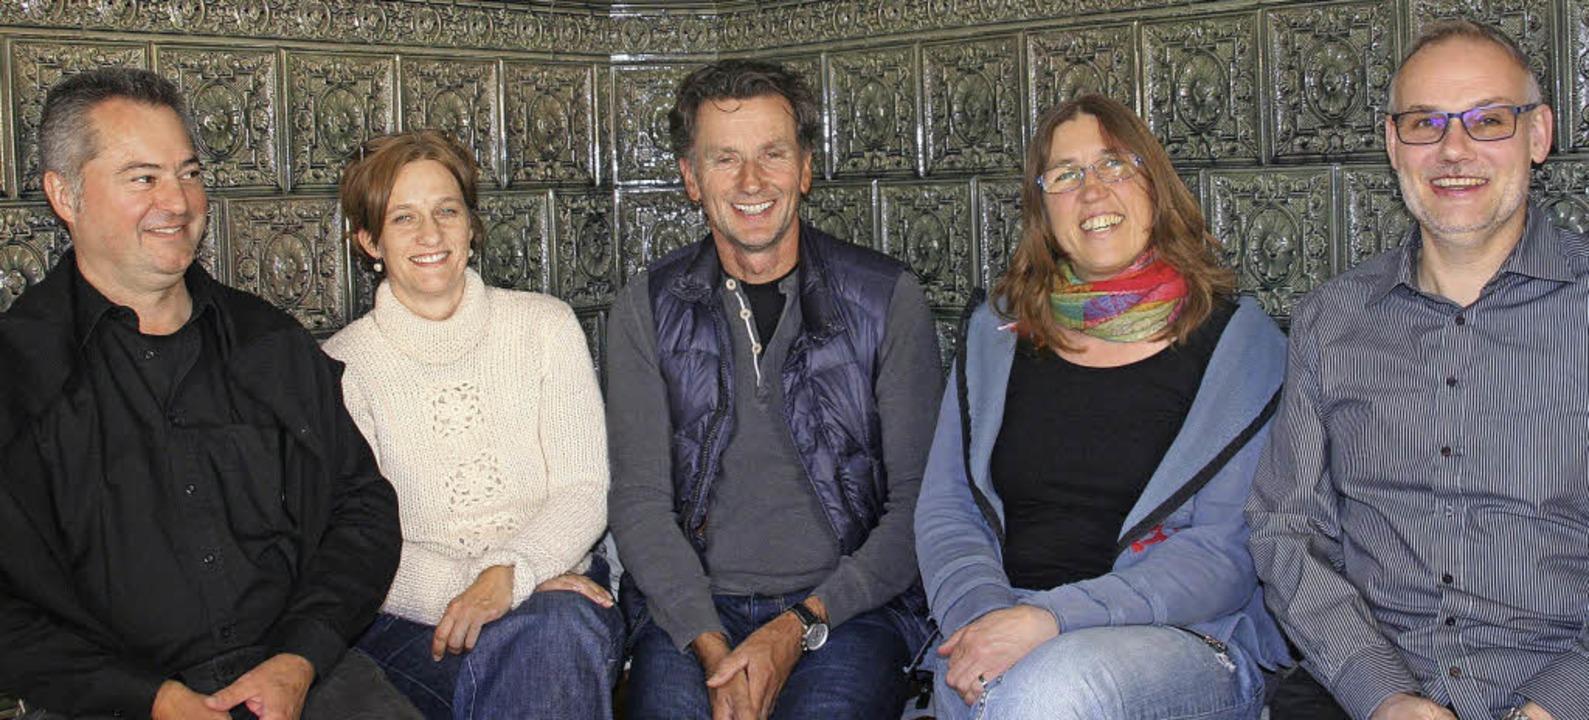 Sie engagieren sich fürs Zirkusprojekt...antona (JuZ) und Pfarrer Kai Tilgner.   | Foto: Marlies Jung-Knoblich